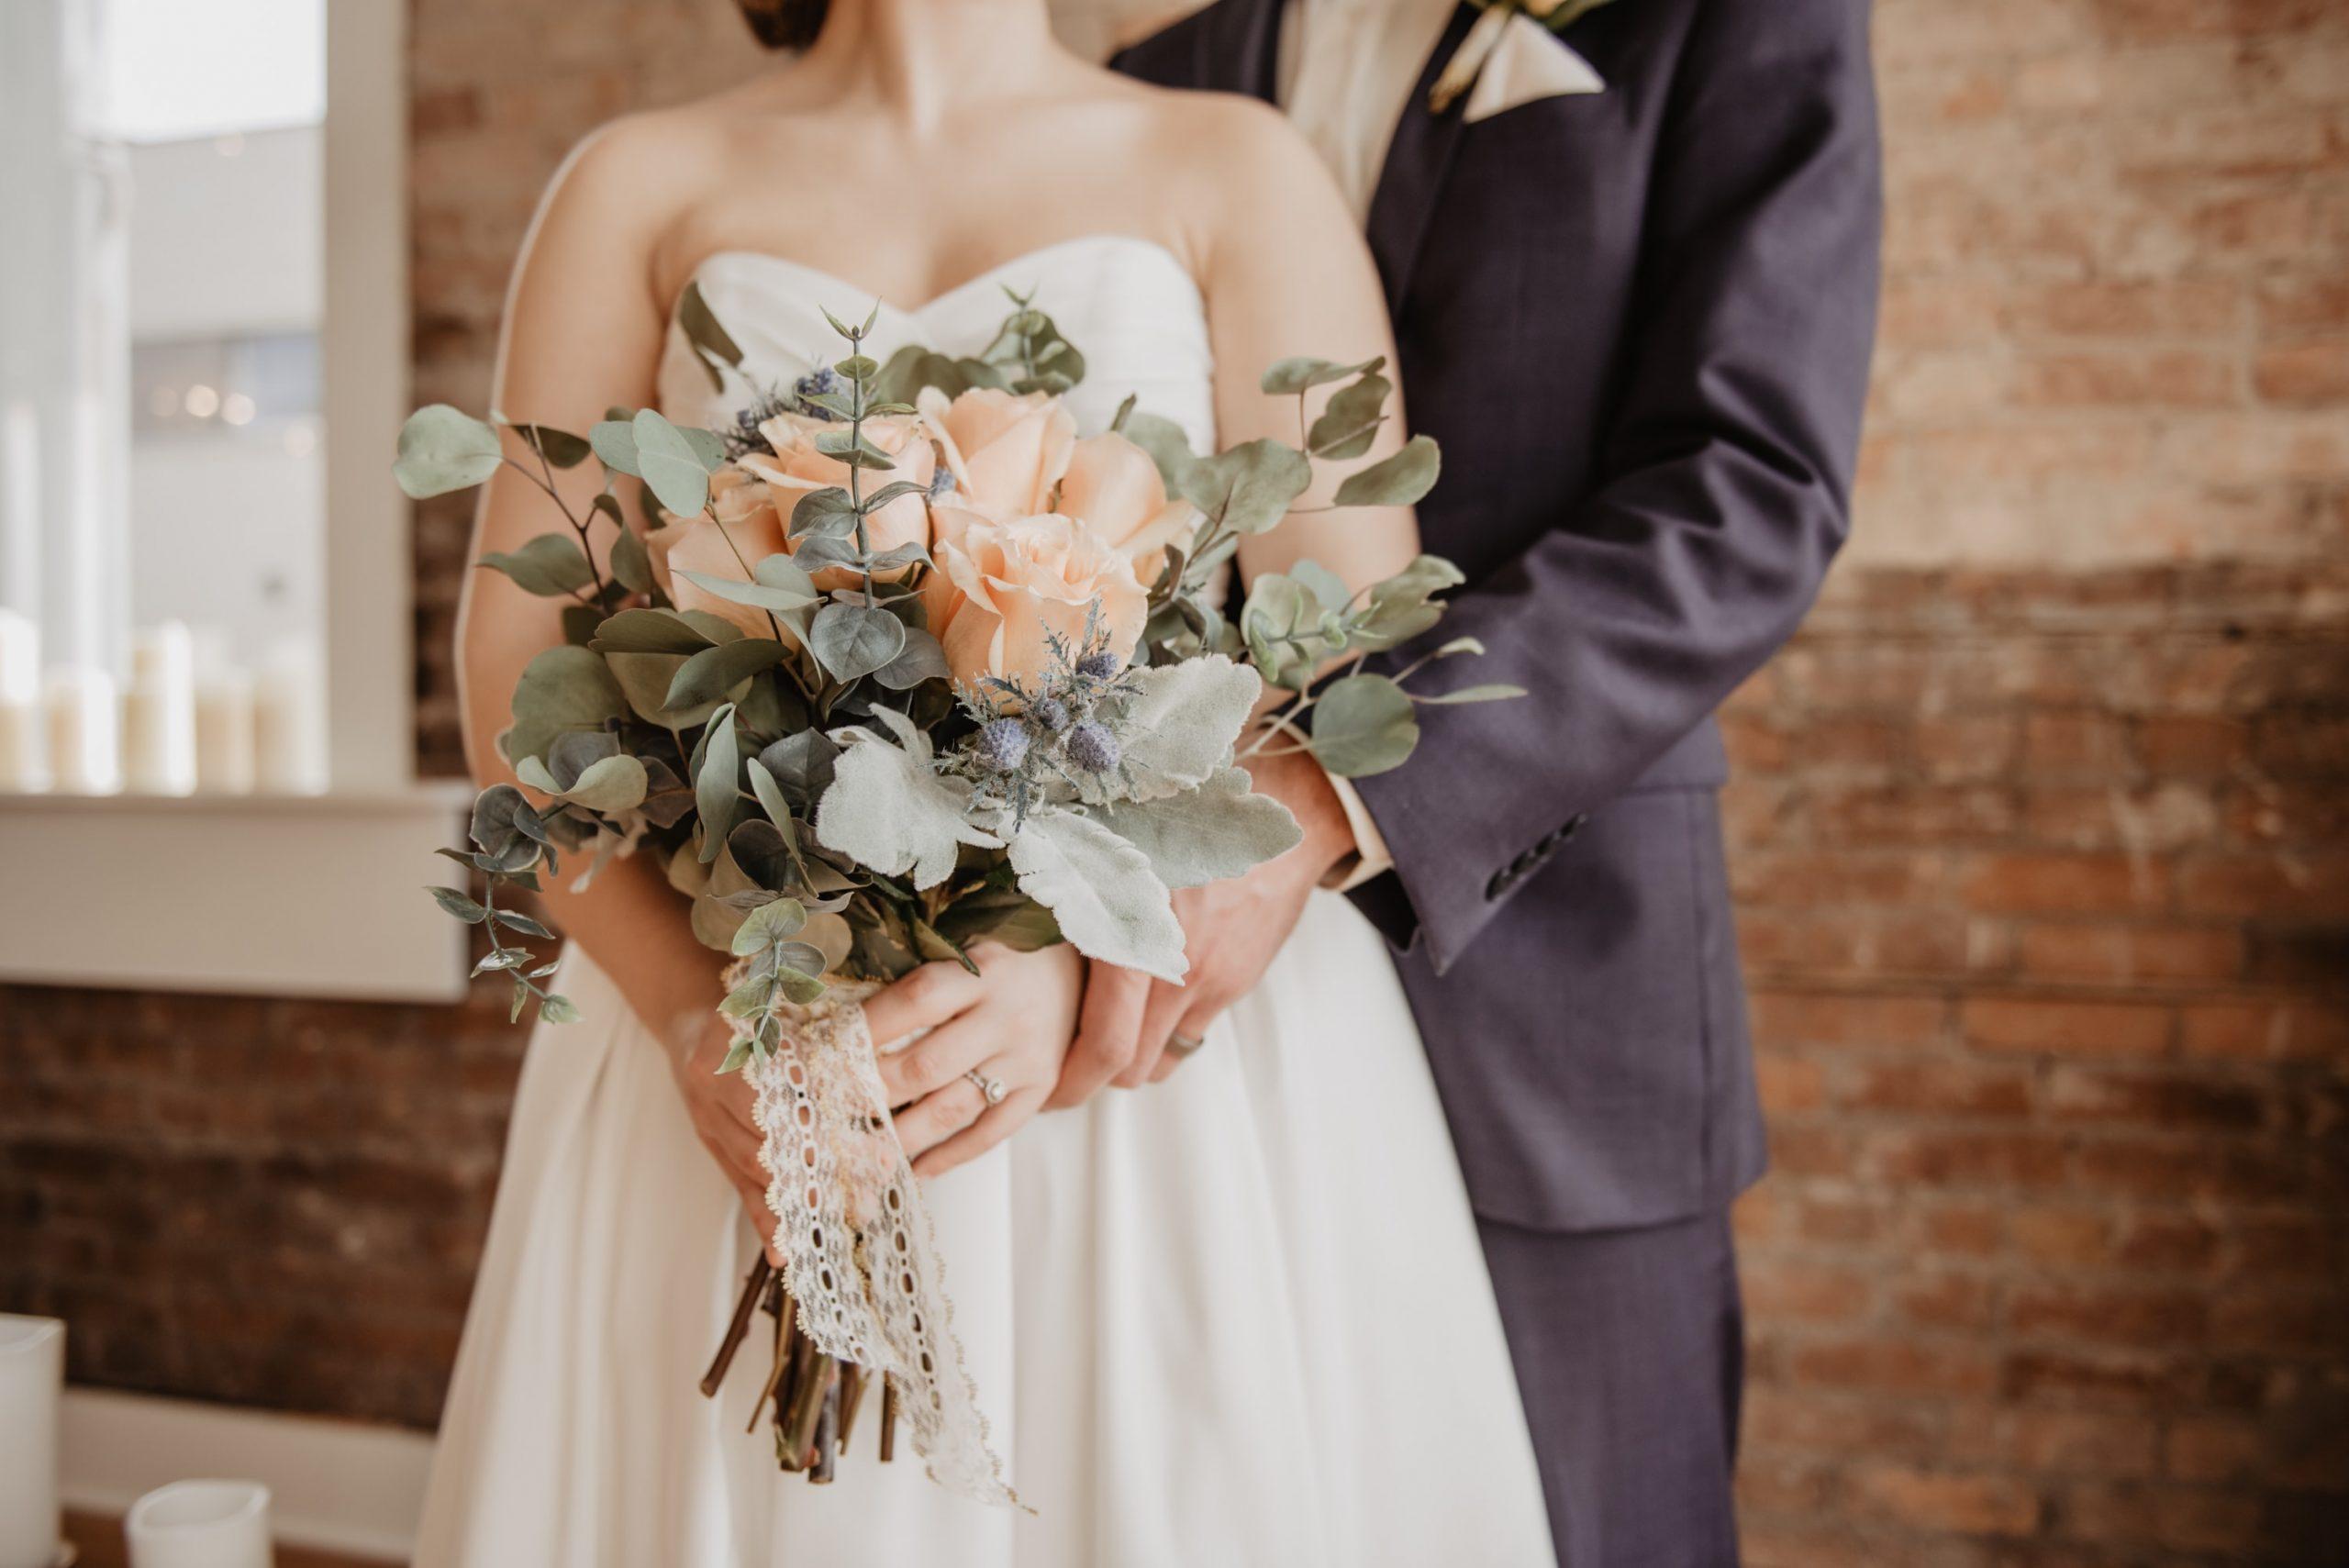 Costume de marié : quelques idées pour s'inspirer pour le Jour J